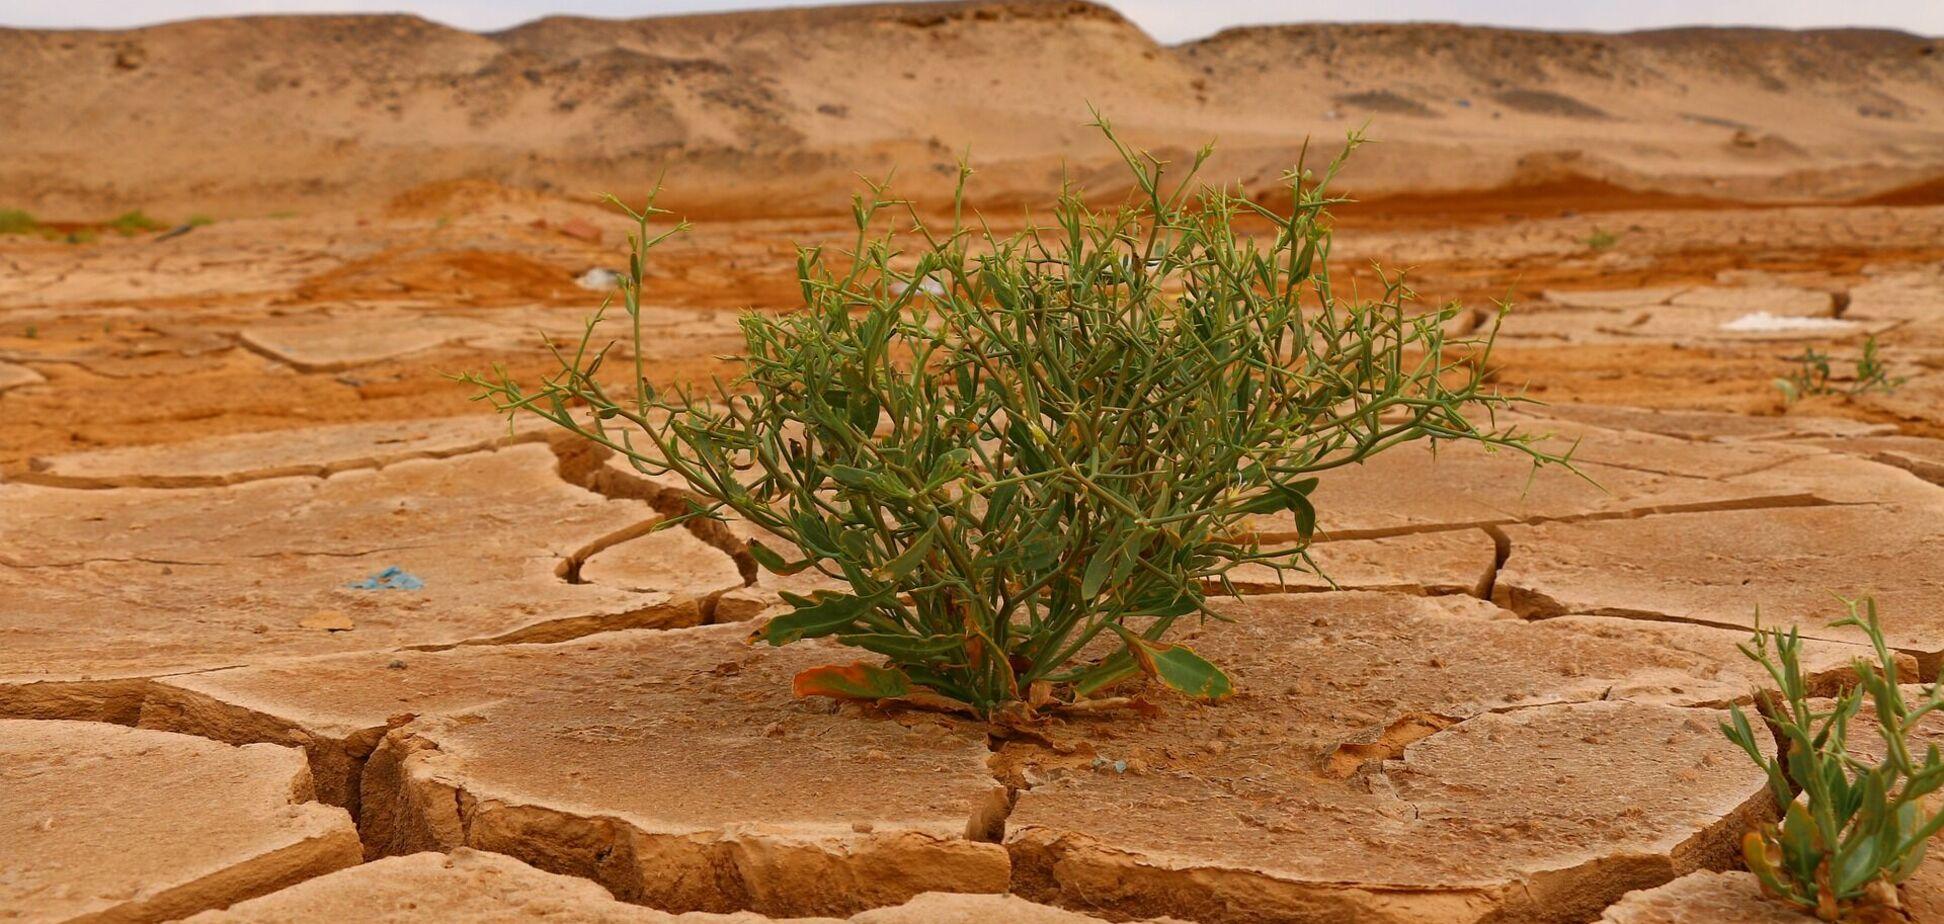 Потрескавшаяся почва пустыни и зеленый росток